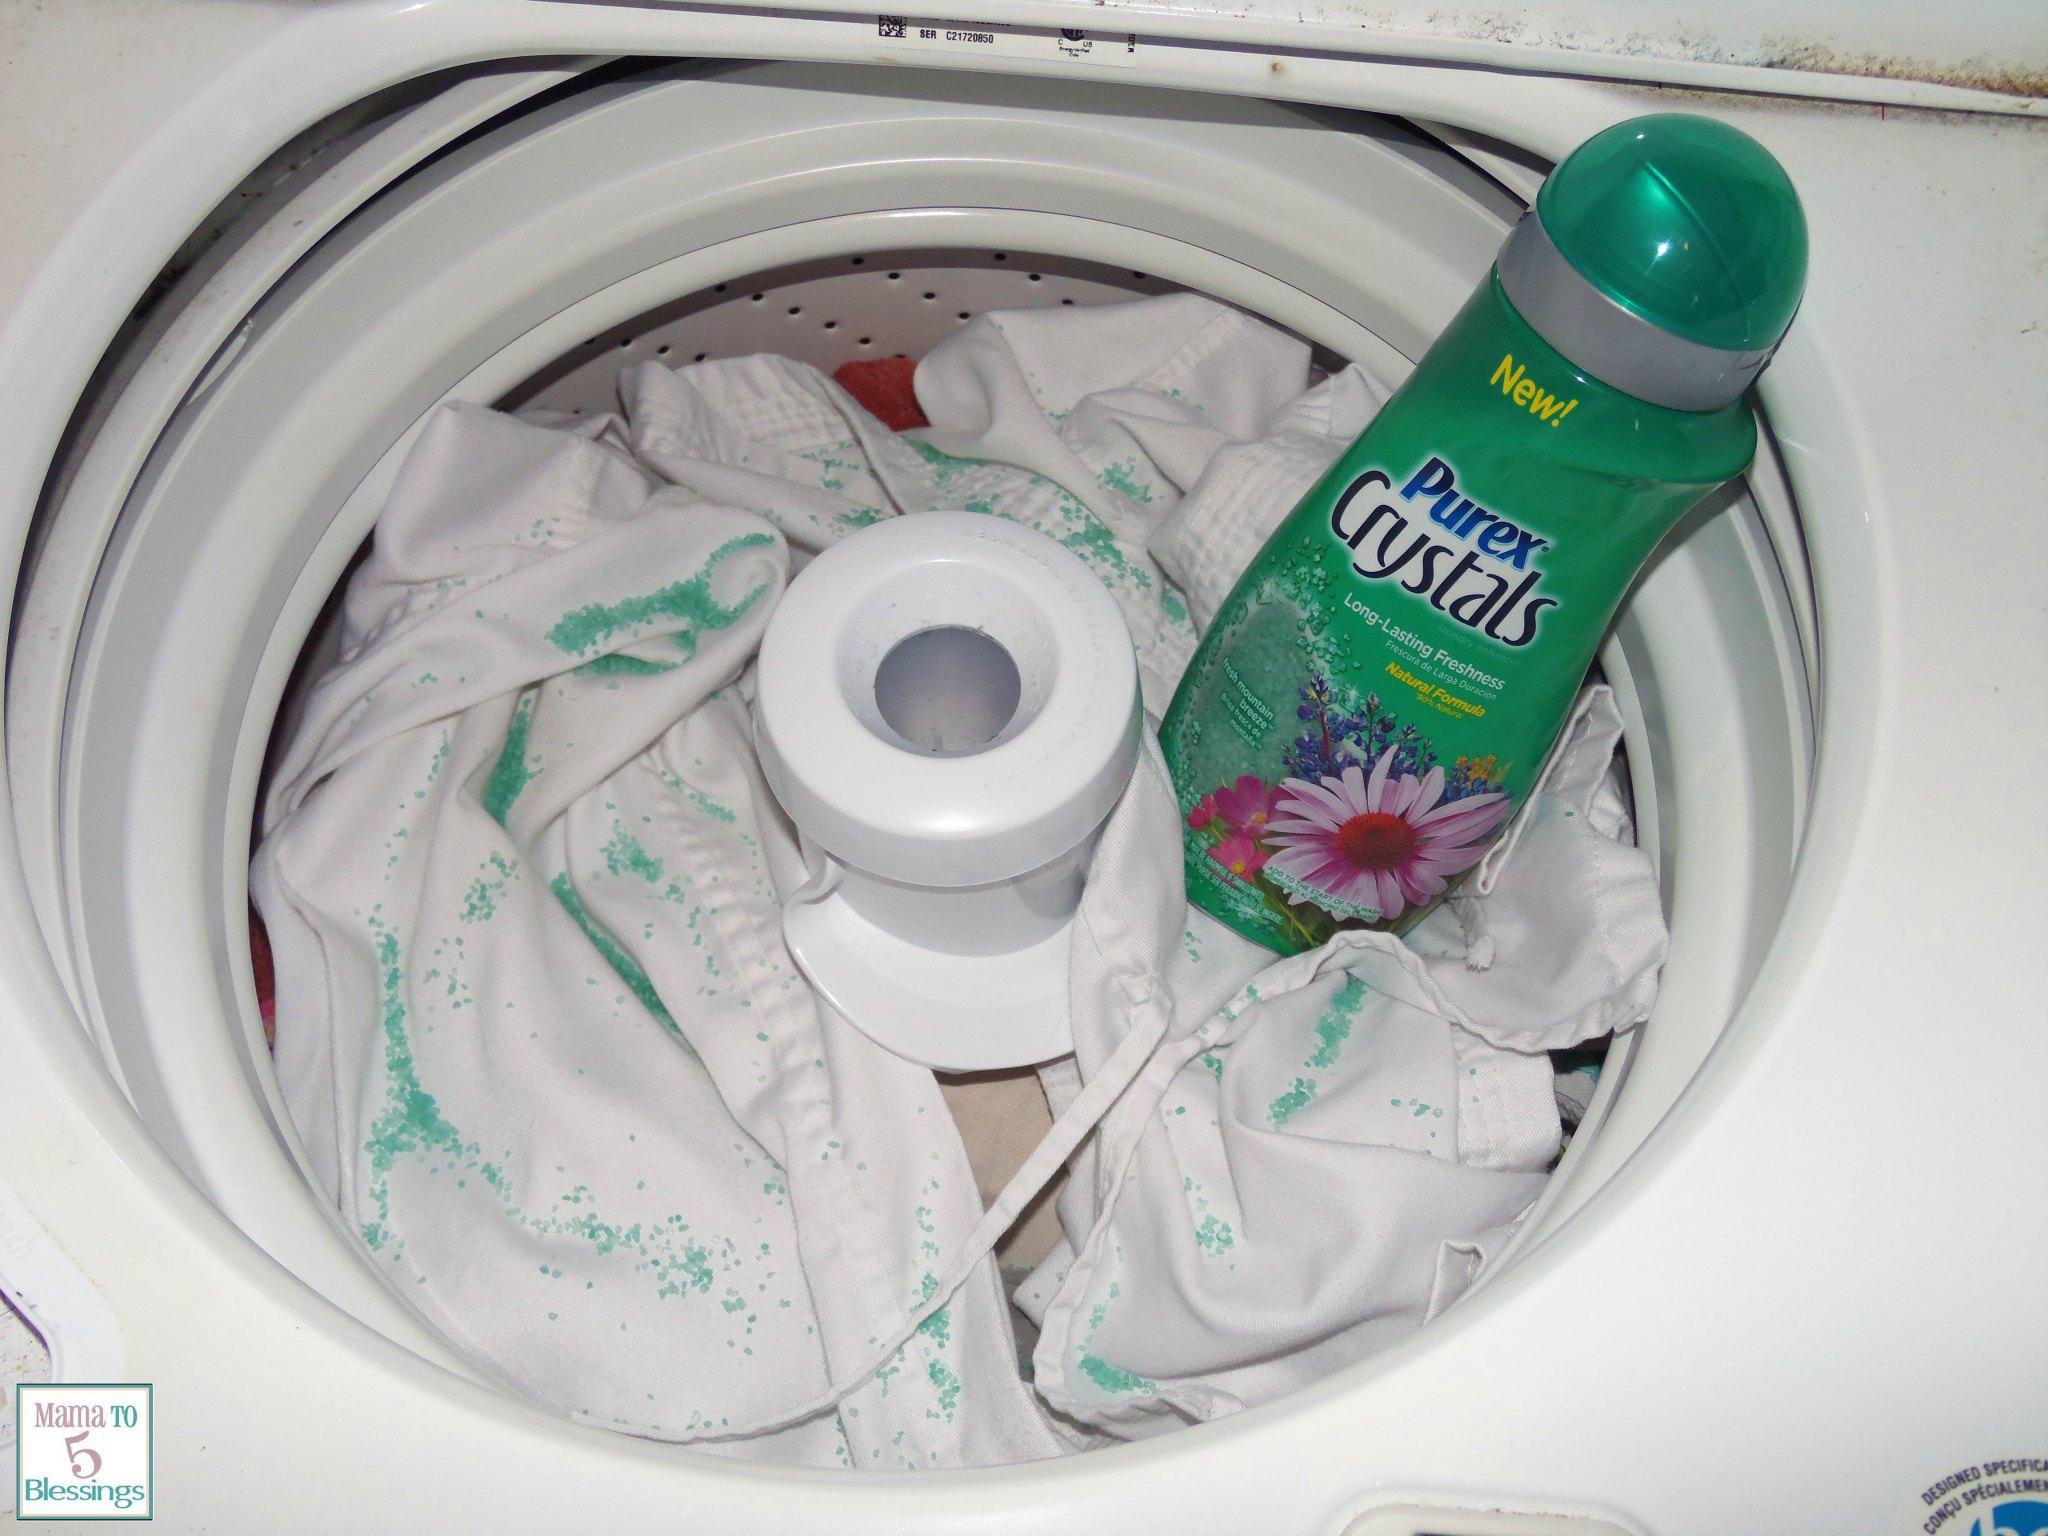 Laundry Purex Purex Crystals